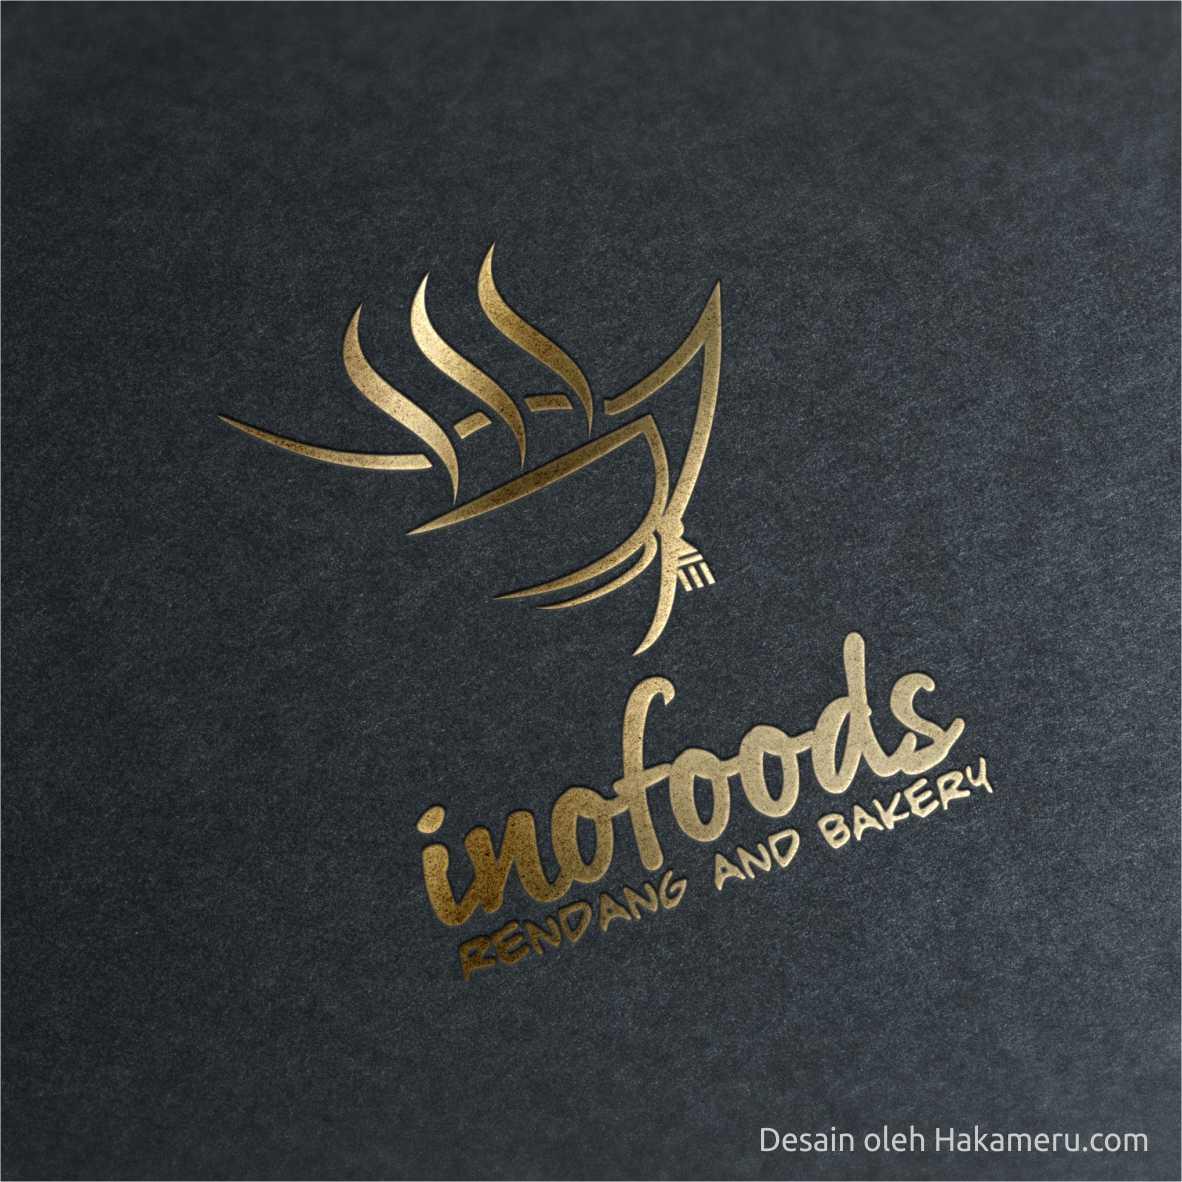 Desain logo untuk UKM UMKM IKM Bojong Gede Bogor INOFOODS - Desain oleh Jasa desain grafis online Hakameru